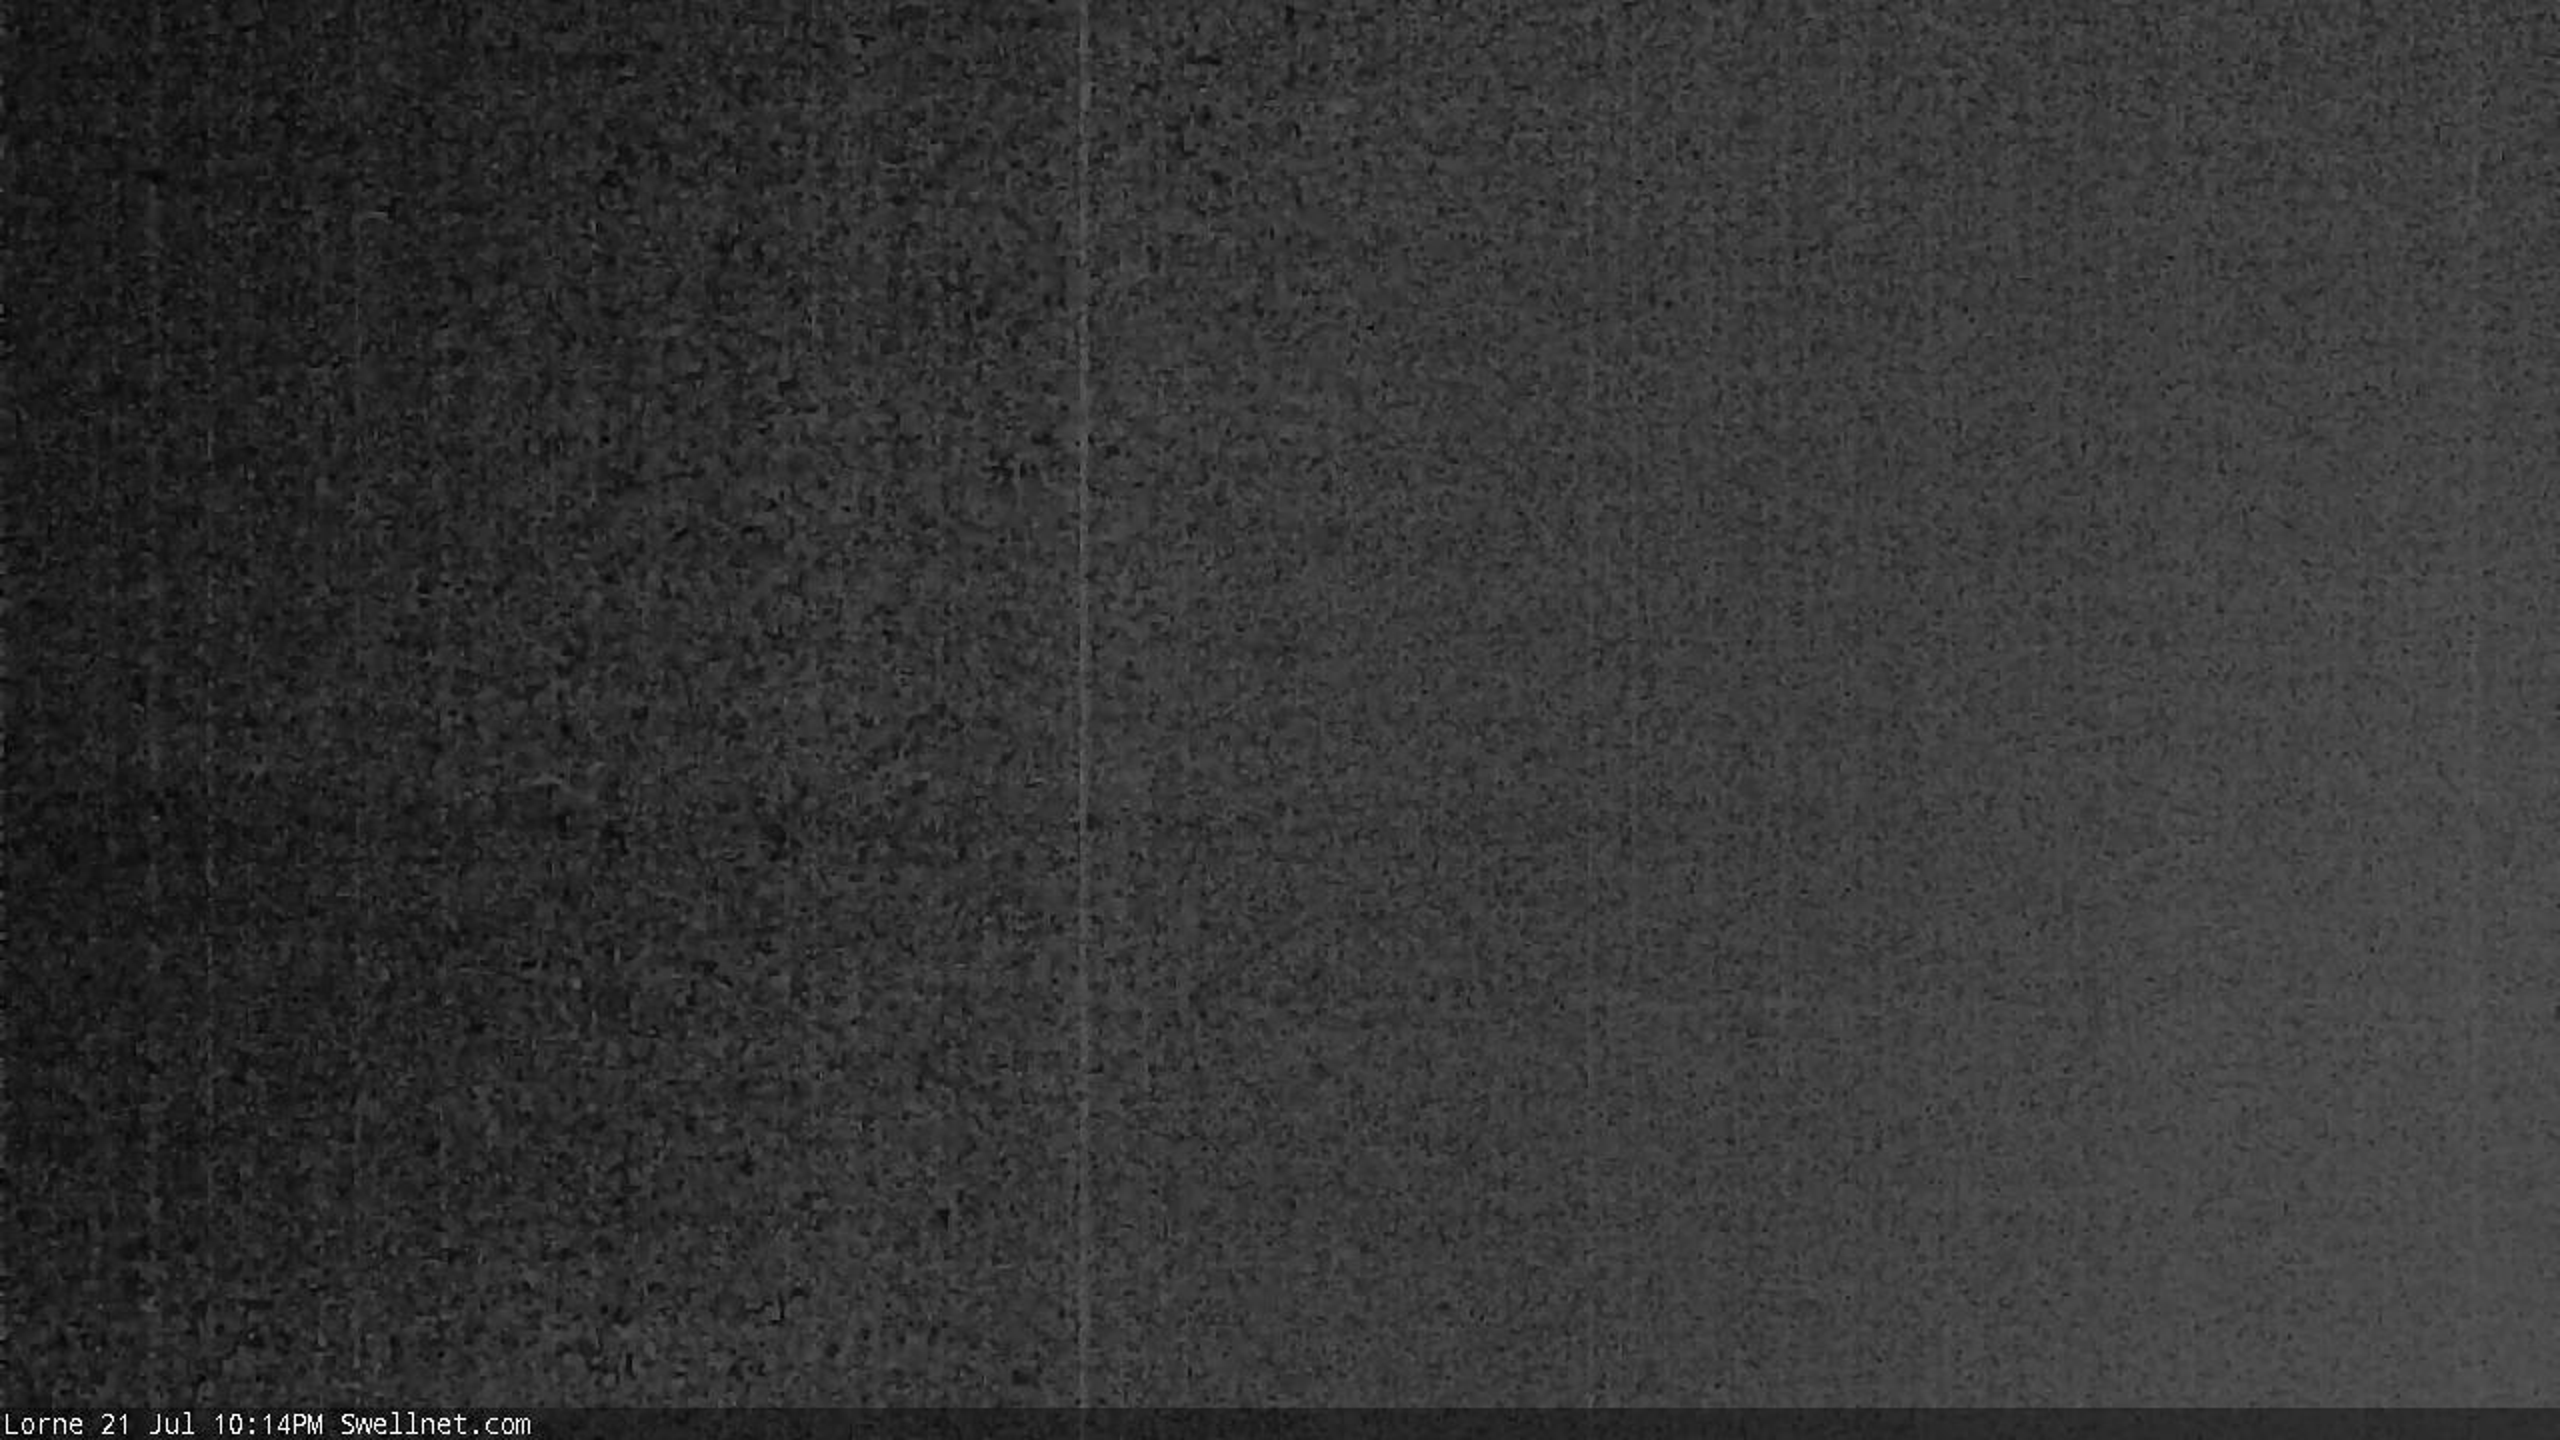 Lorne surfcam still image